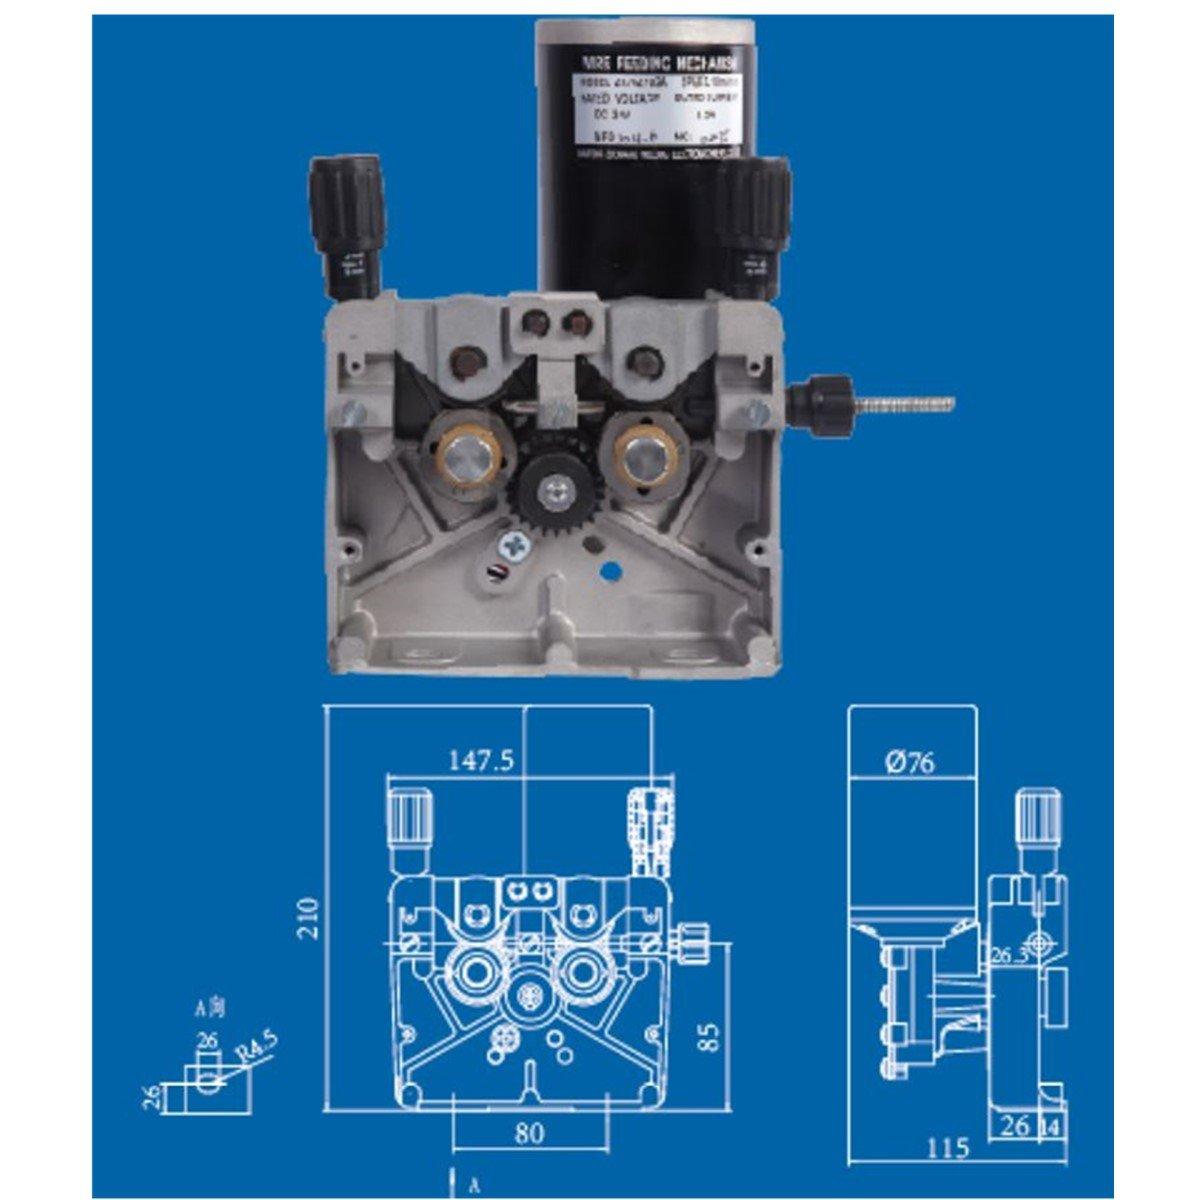 DC 24V Welding Wire Feeding Assembly Wire Feeder for MIG//MAG Welder Welding Machine